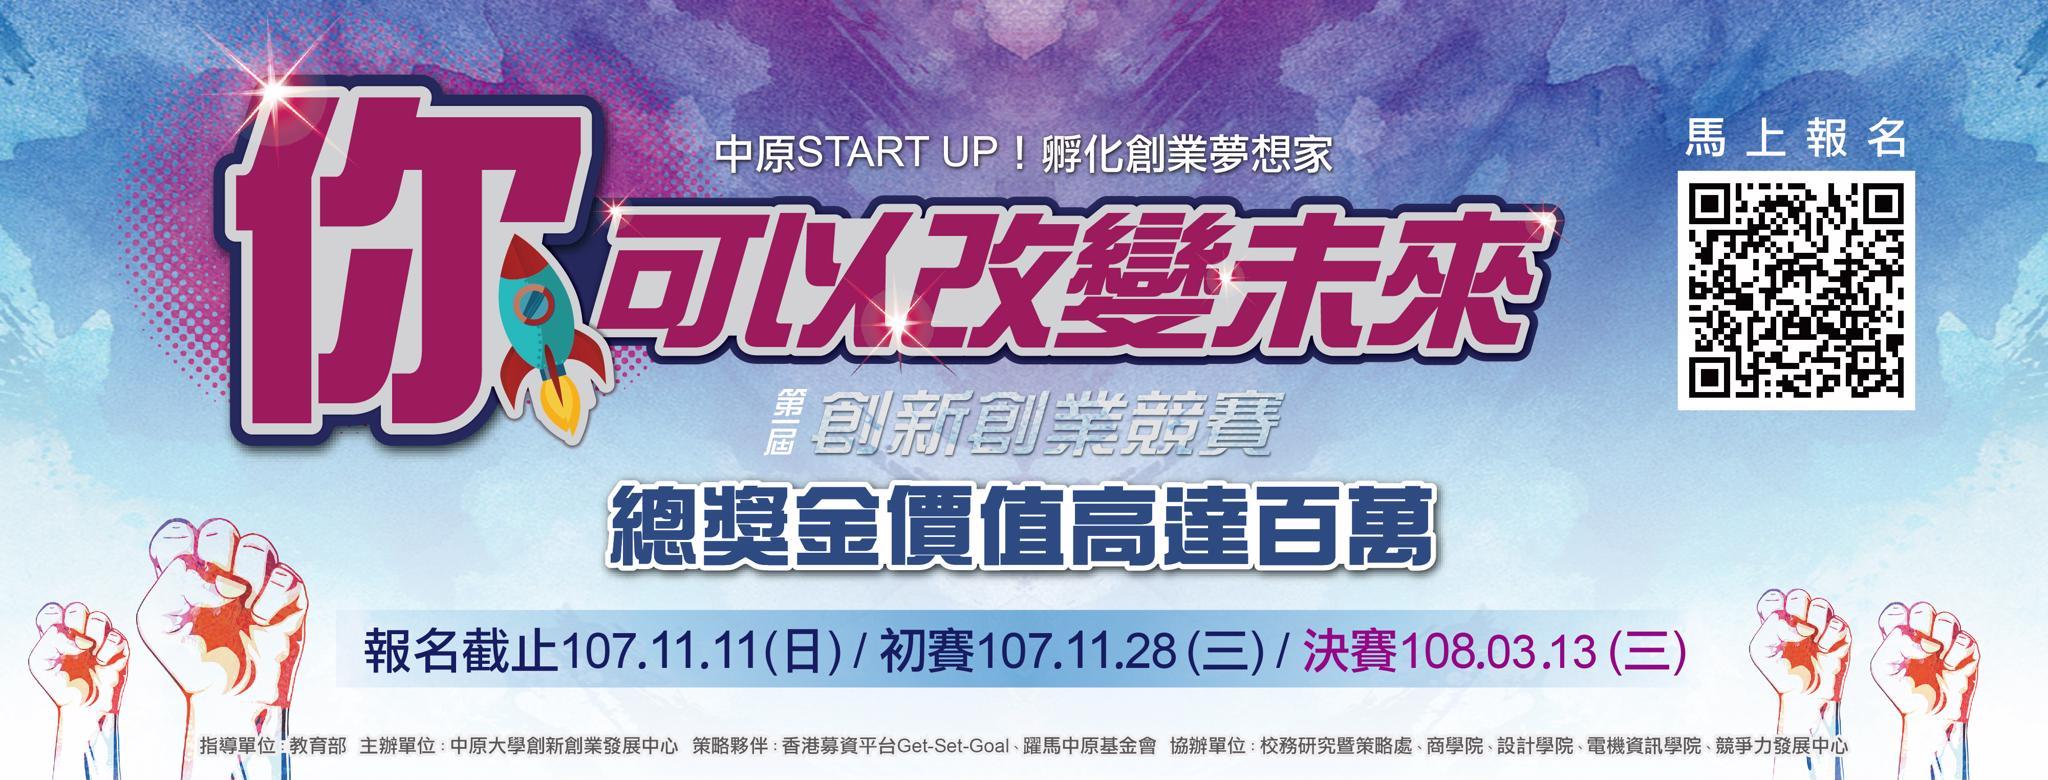 中原大學 第一屆 【你可以改變未來】百萬獎金創新創業競賽